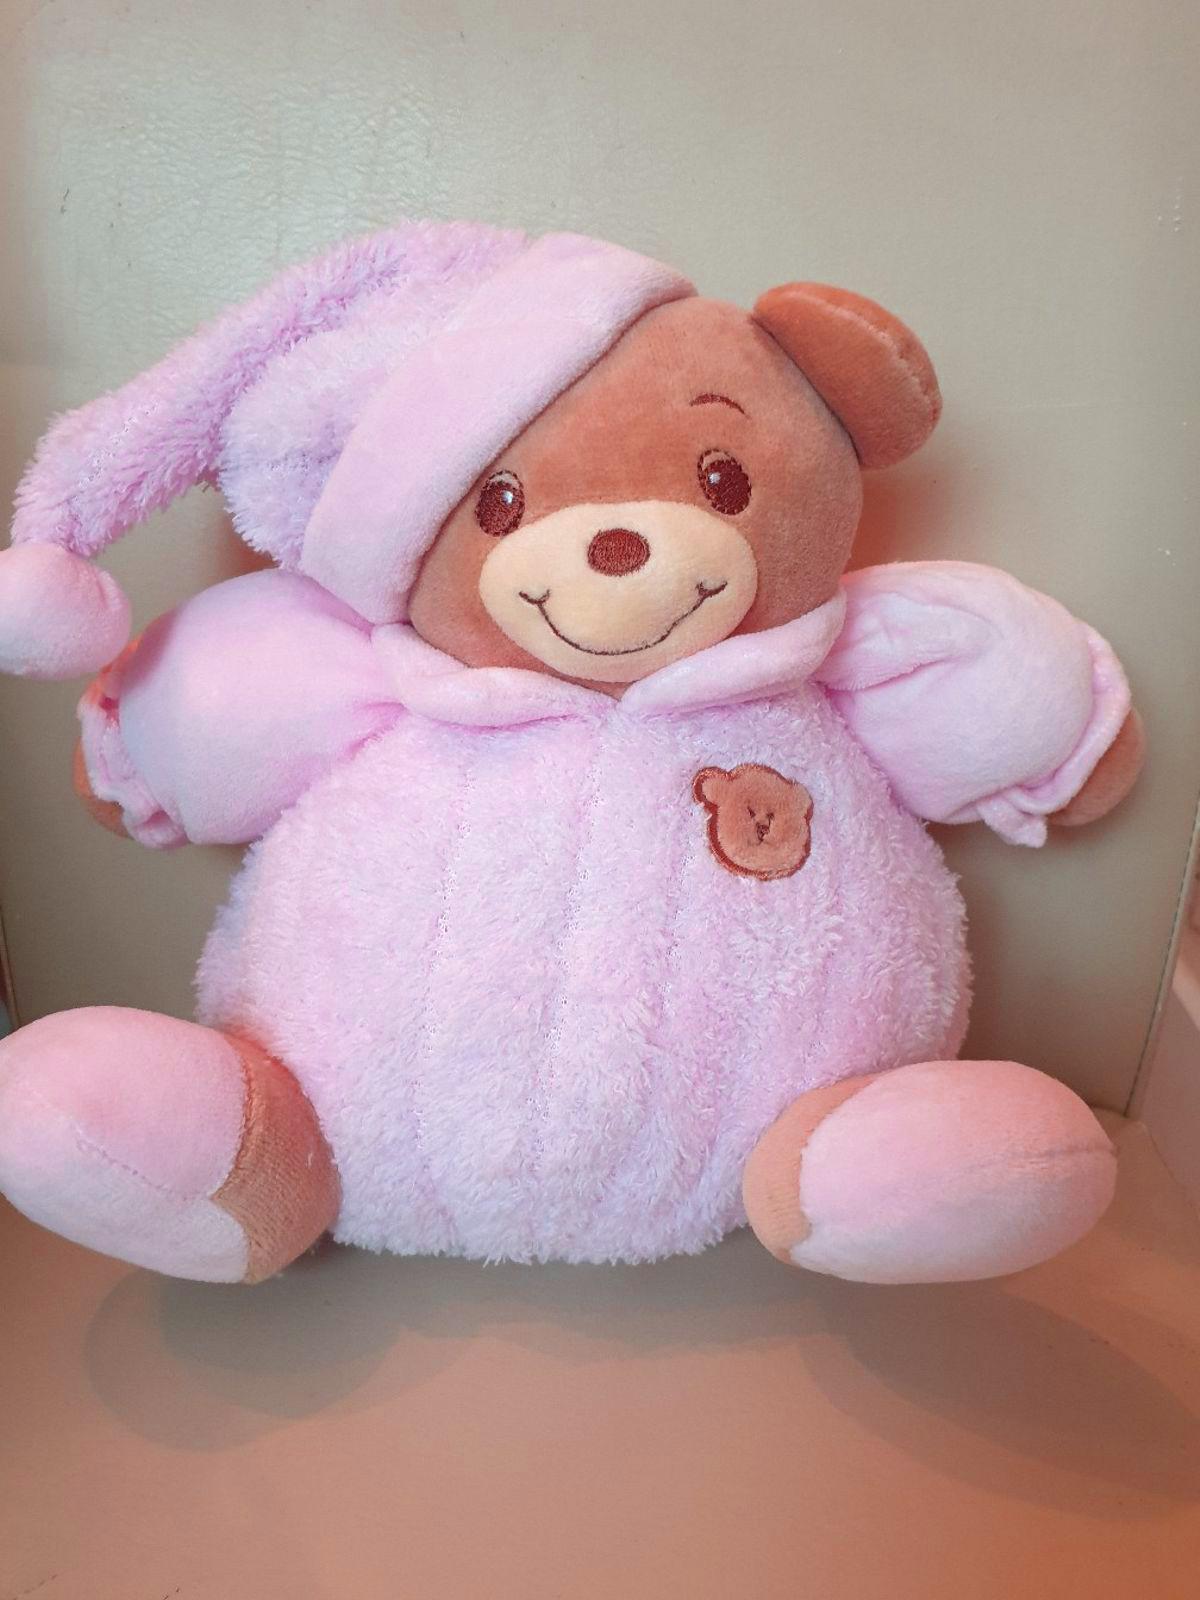 Teaddy bear Photo 4